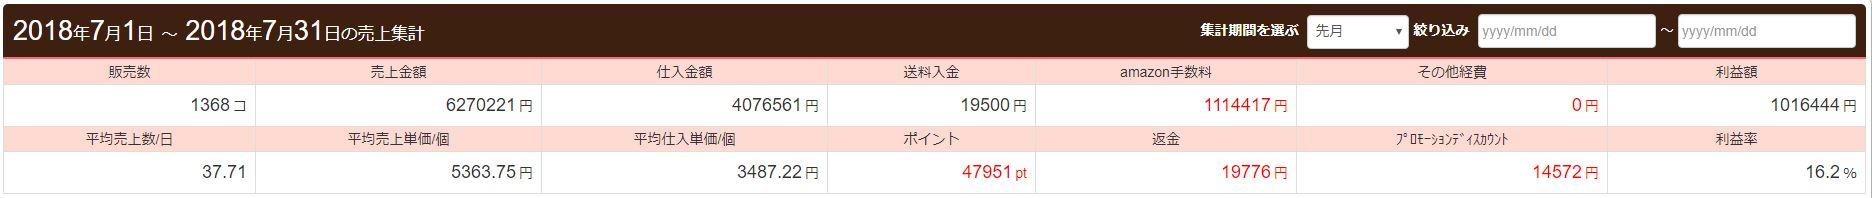 月商627万円、利益101万円